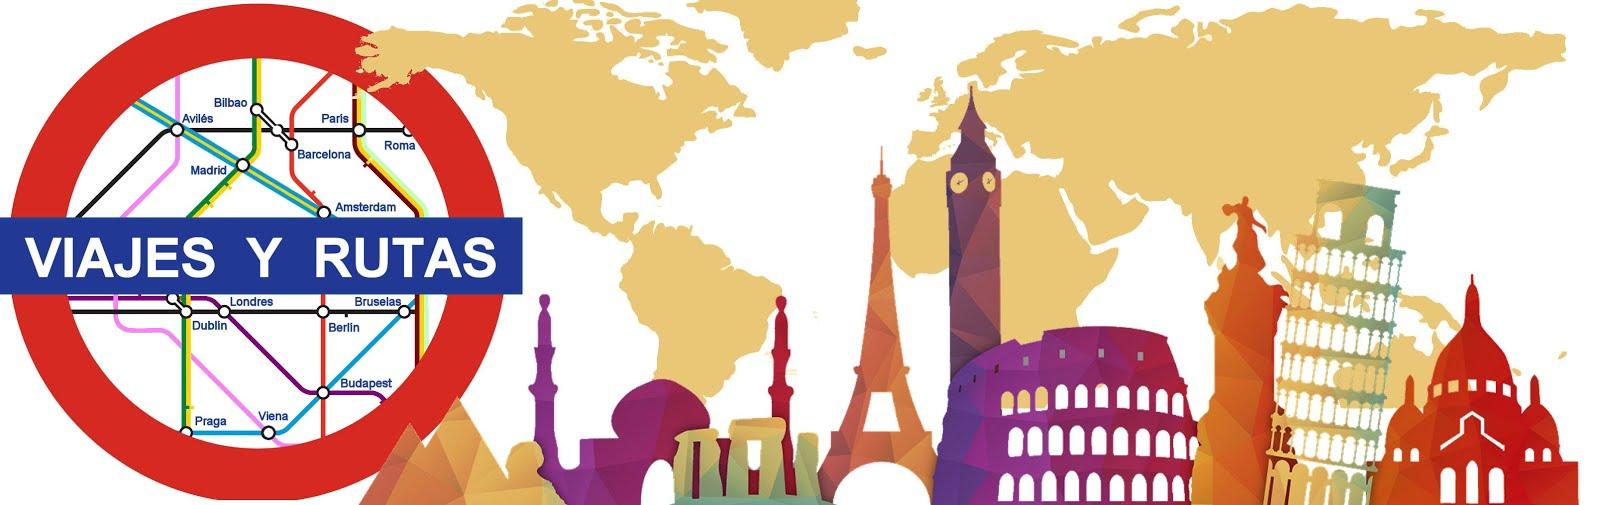 Viajes y Rutas| Viajes por España y escapadas por el mundo